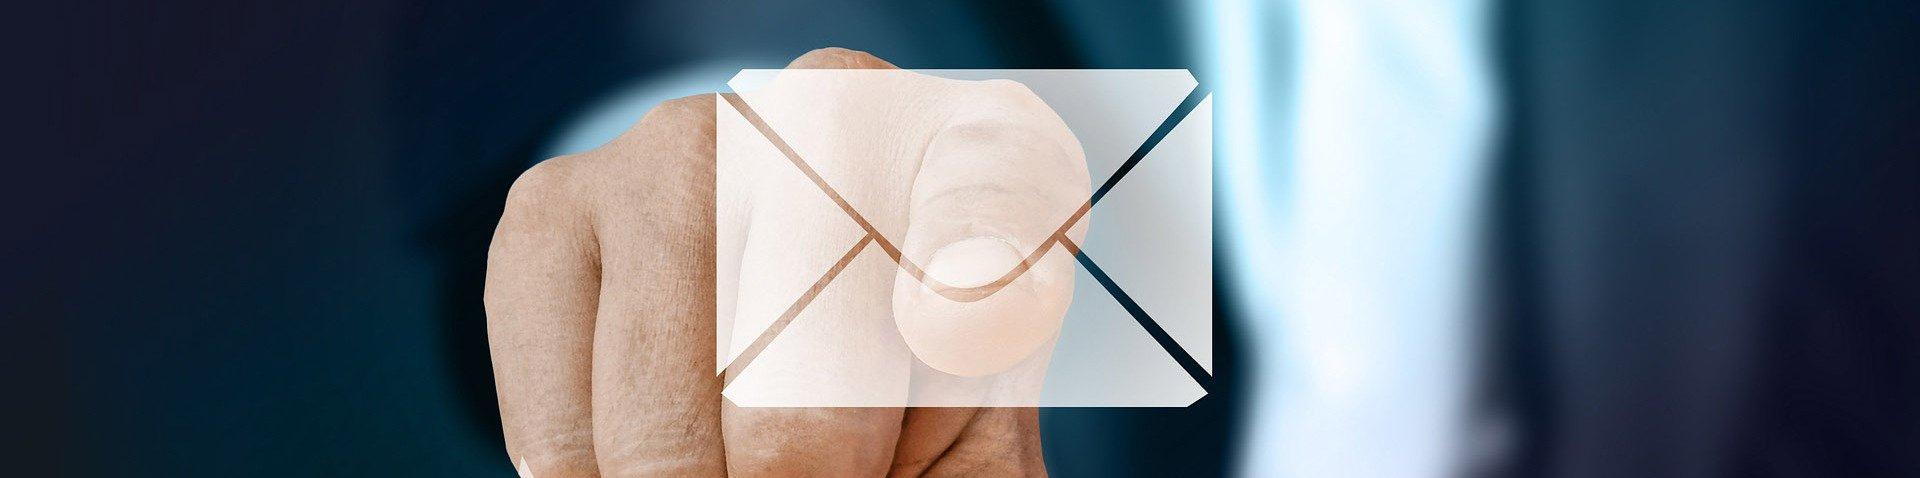 Kontaktieren Sie einen der führenden E-Mail-Marketing Anbieter - AGNITAS